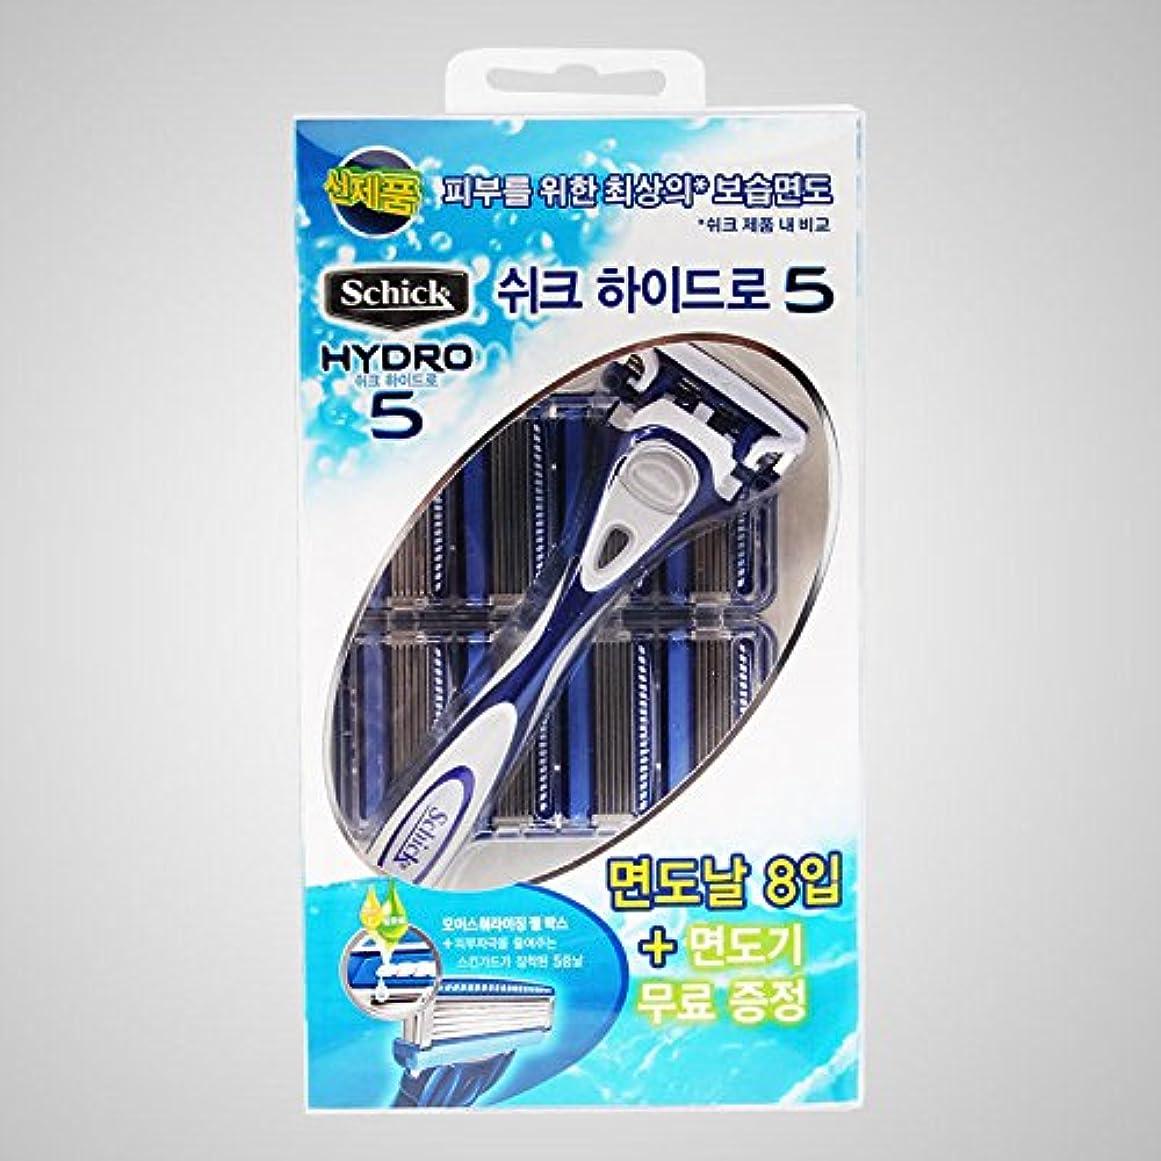 チャンス素人服Schick Hydro 5 Shaving 1 Razor with 9 カートリッジ [並行輸入品]